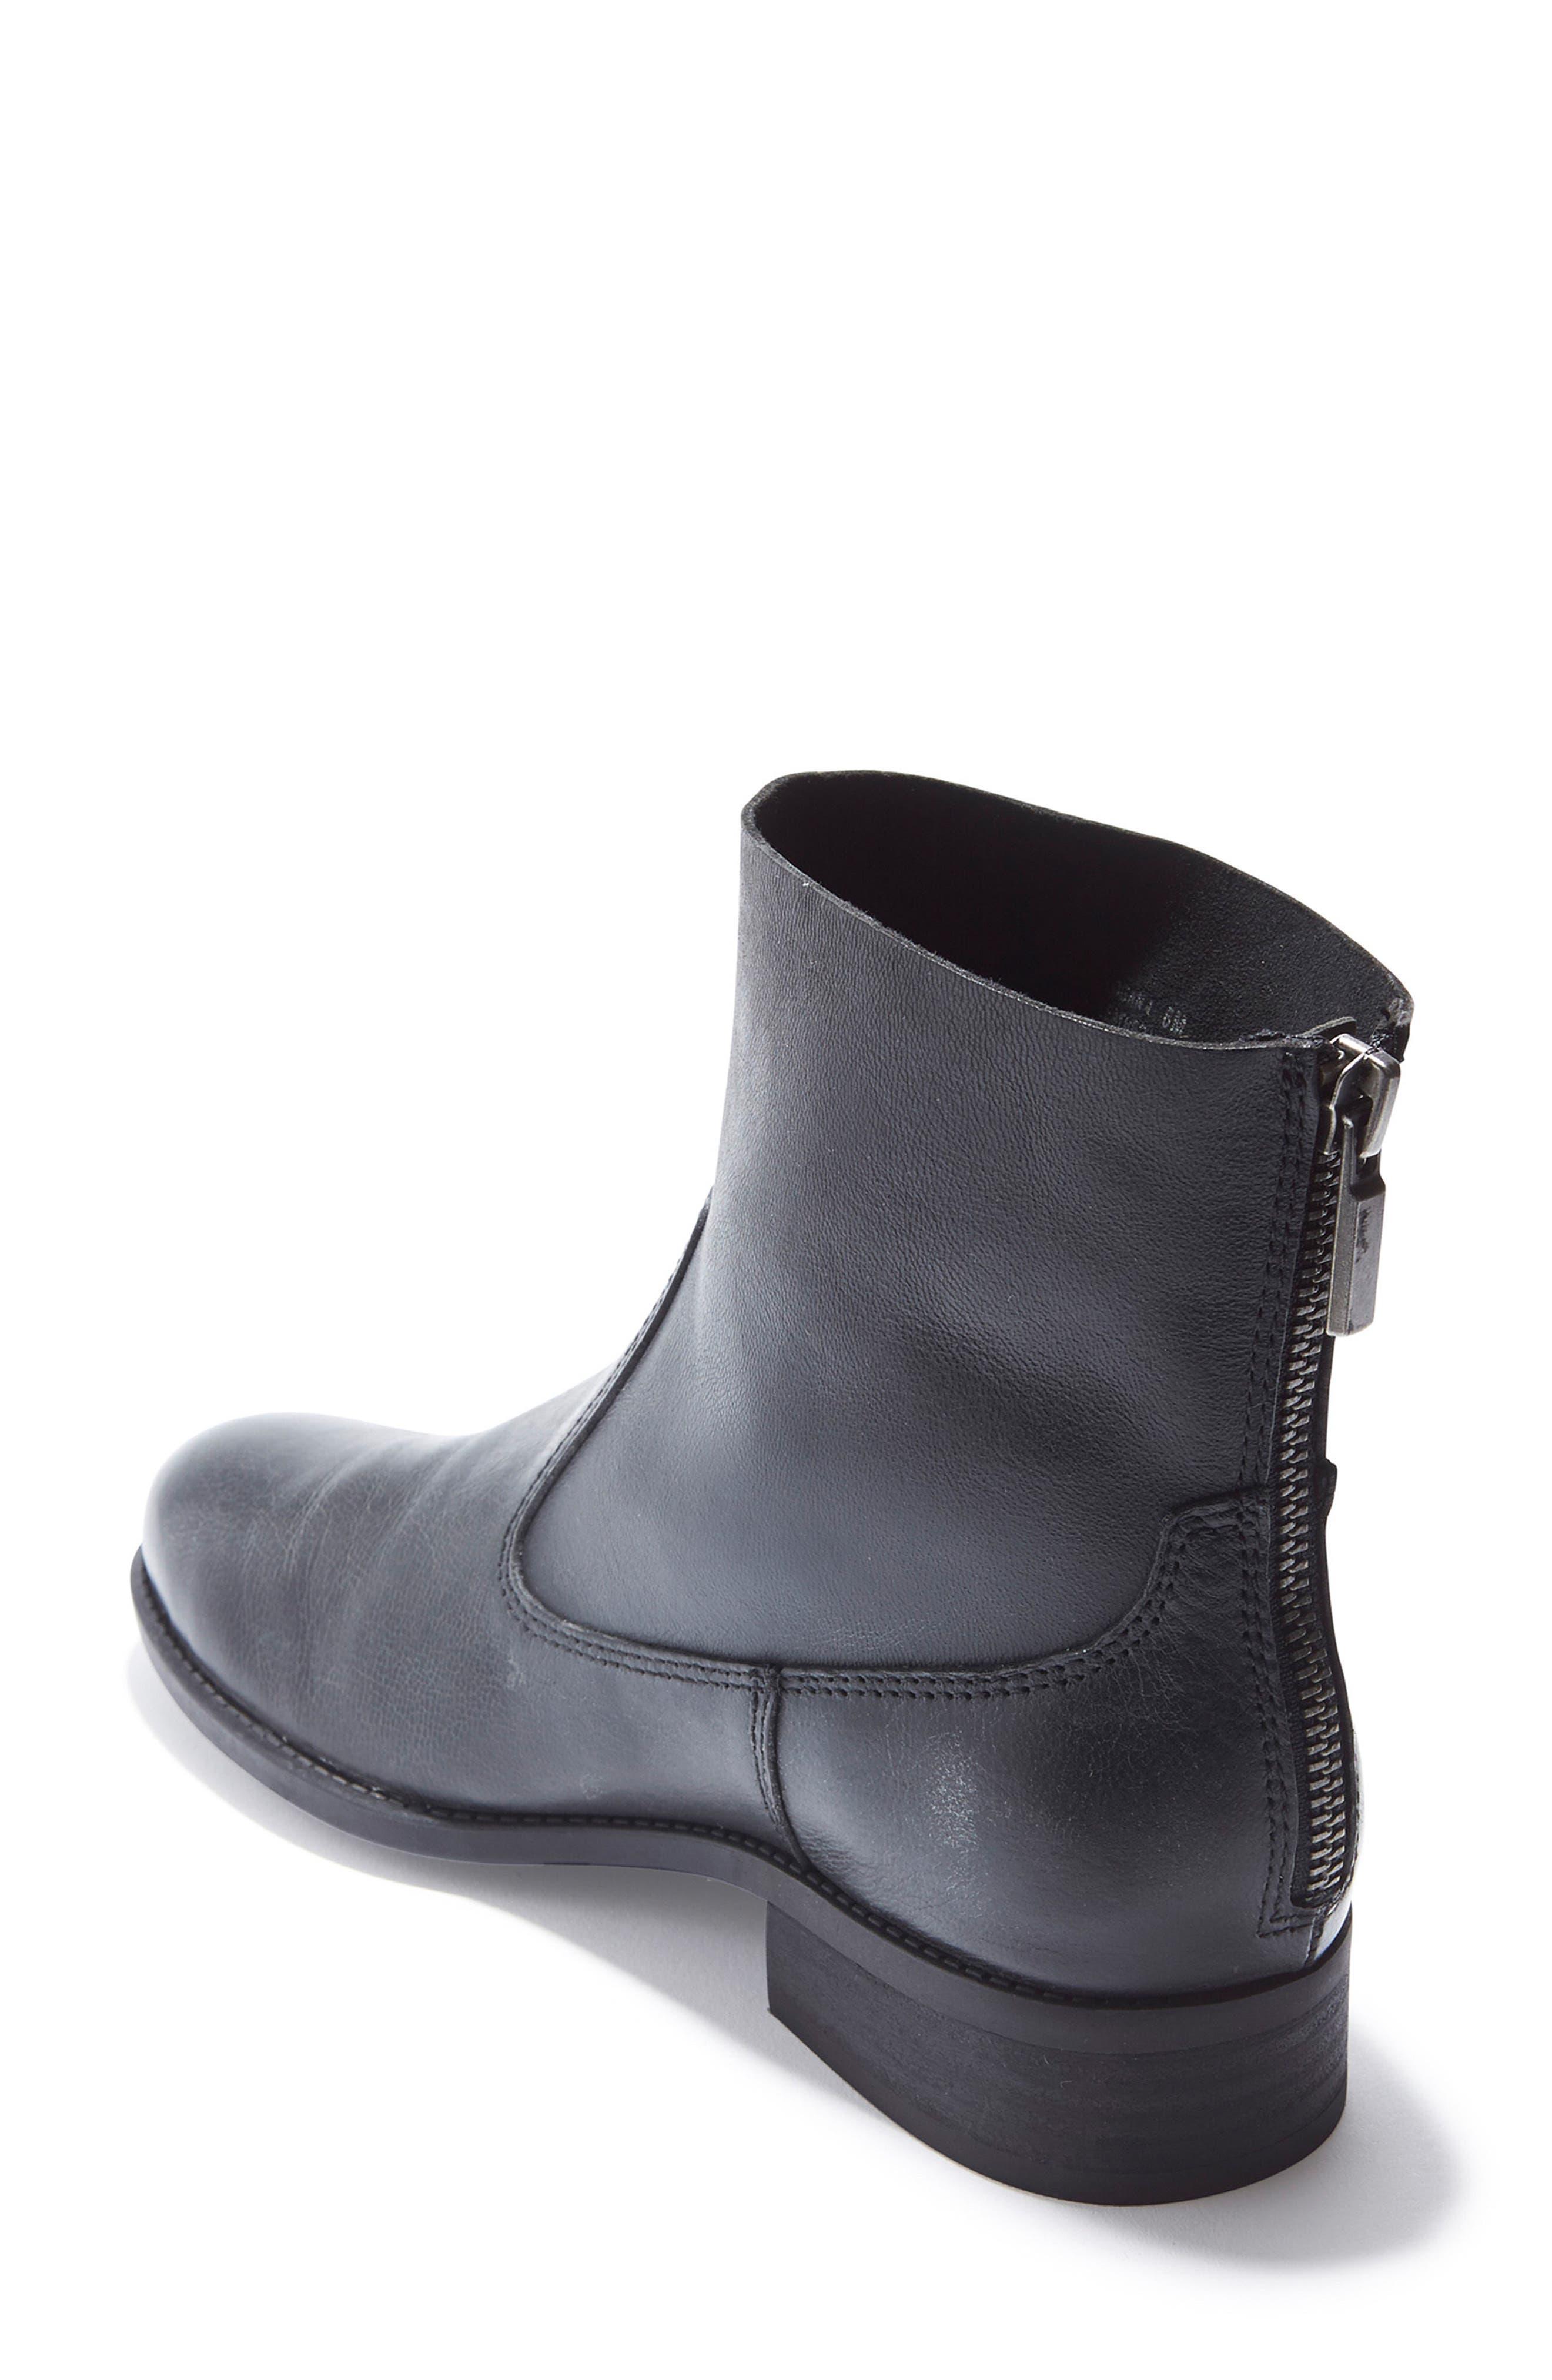 Logan Bootie,                             Alternate thumbnail 2, color,                             Black Leather